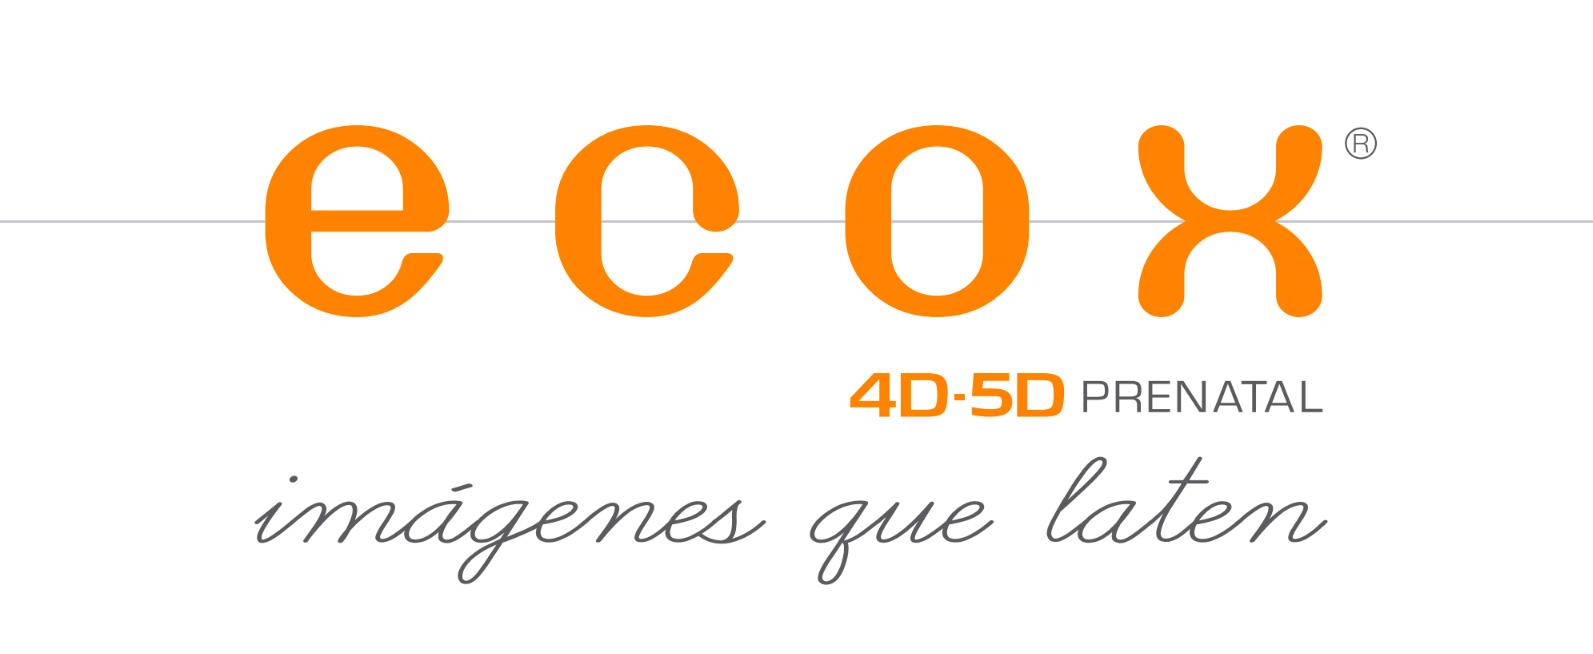 Ecox4D-5D Centro de Imagen Prenatal